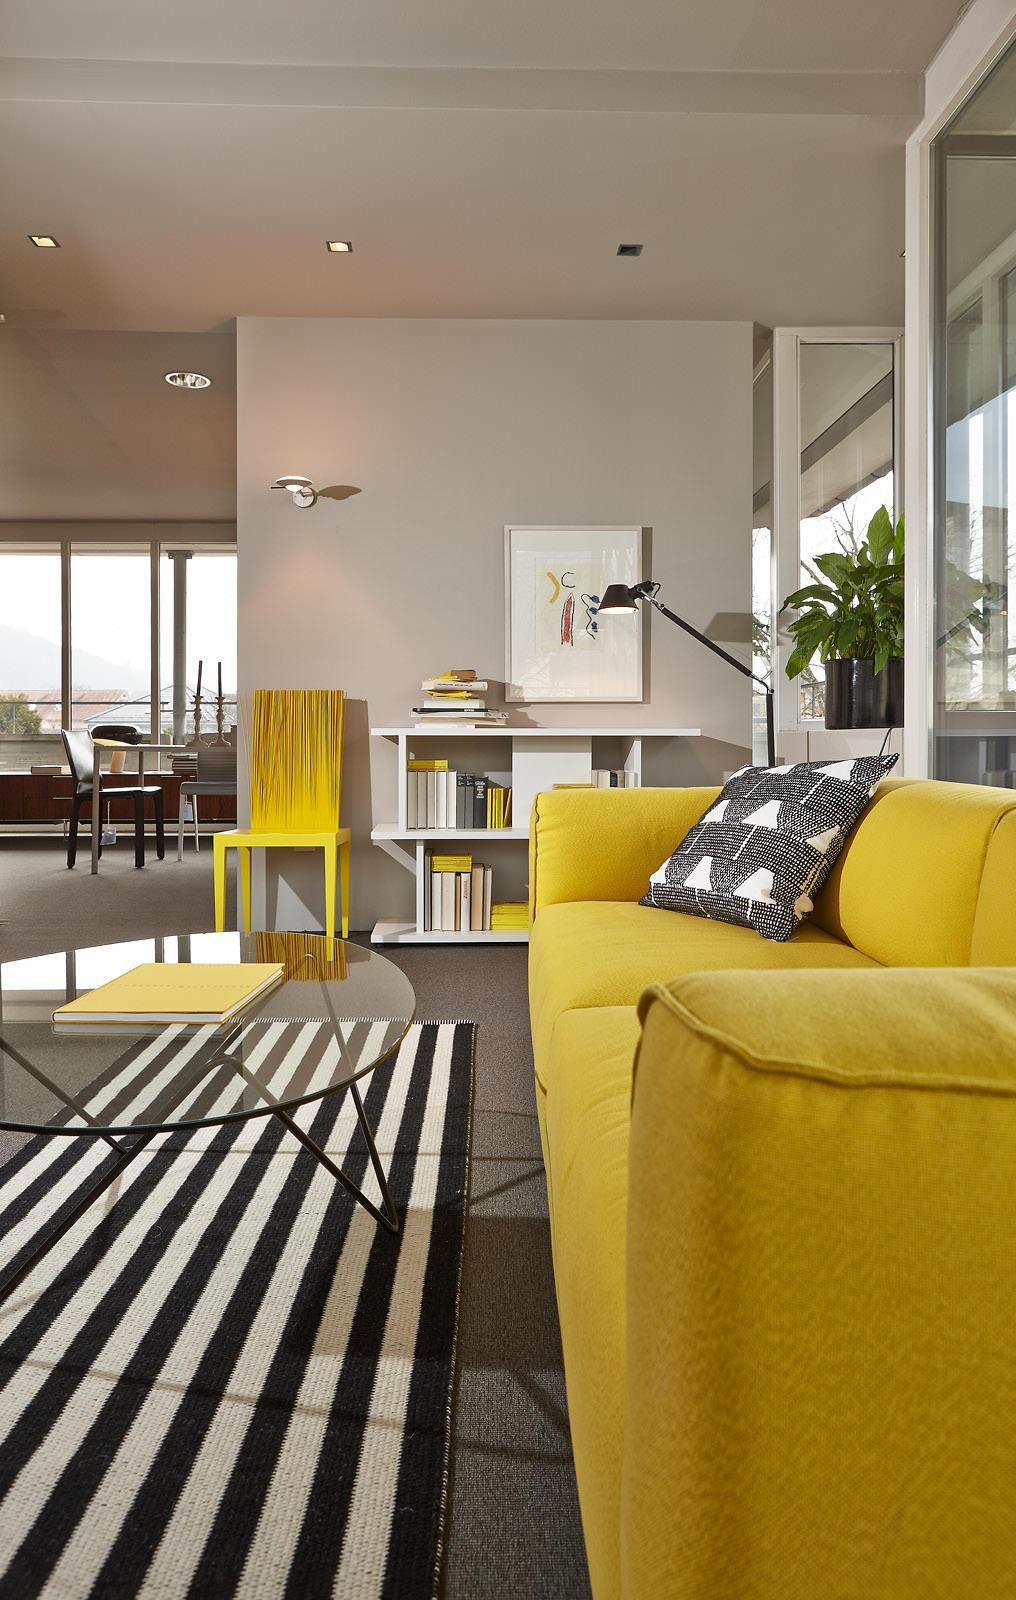 Wohnzimmer Mit Gelben Hinguckern #stuhl #couchtisch #regal #teppich  #glastisch #stehlampe